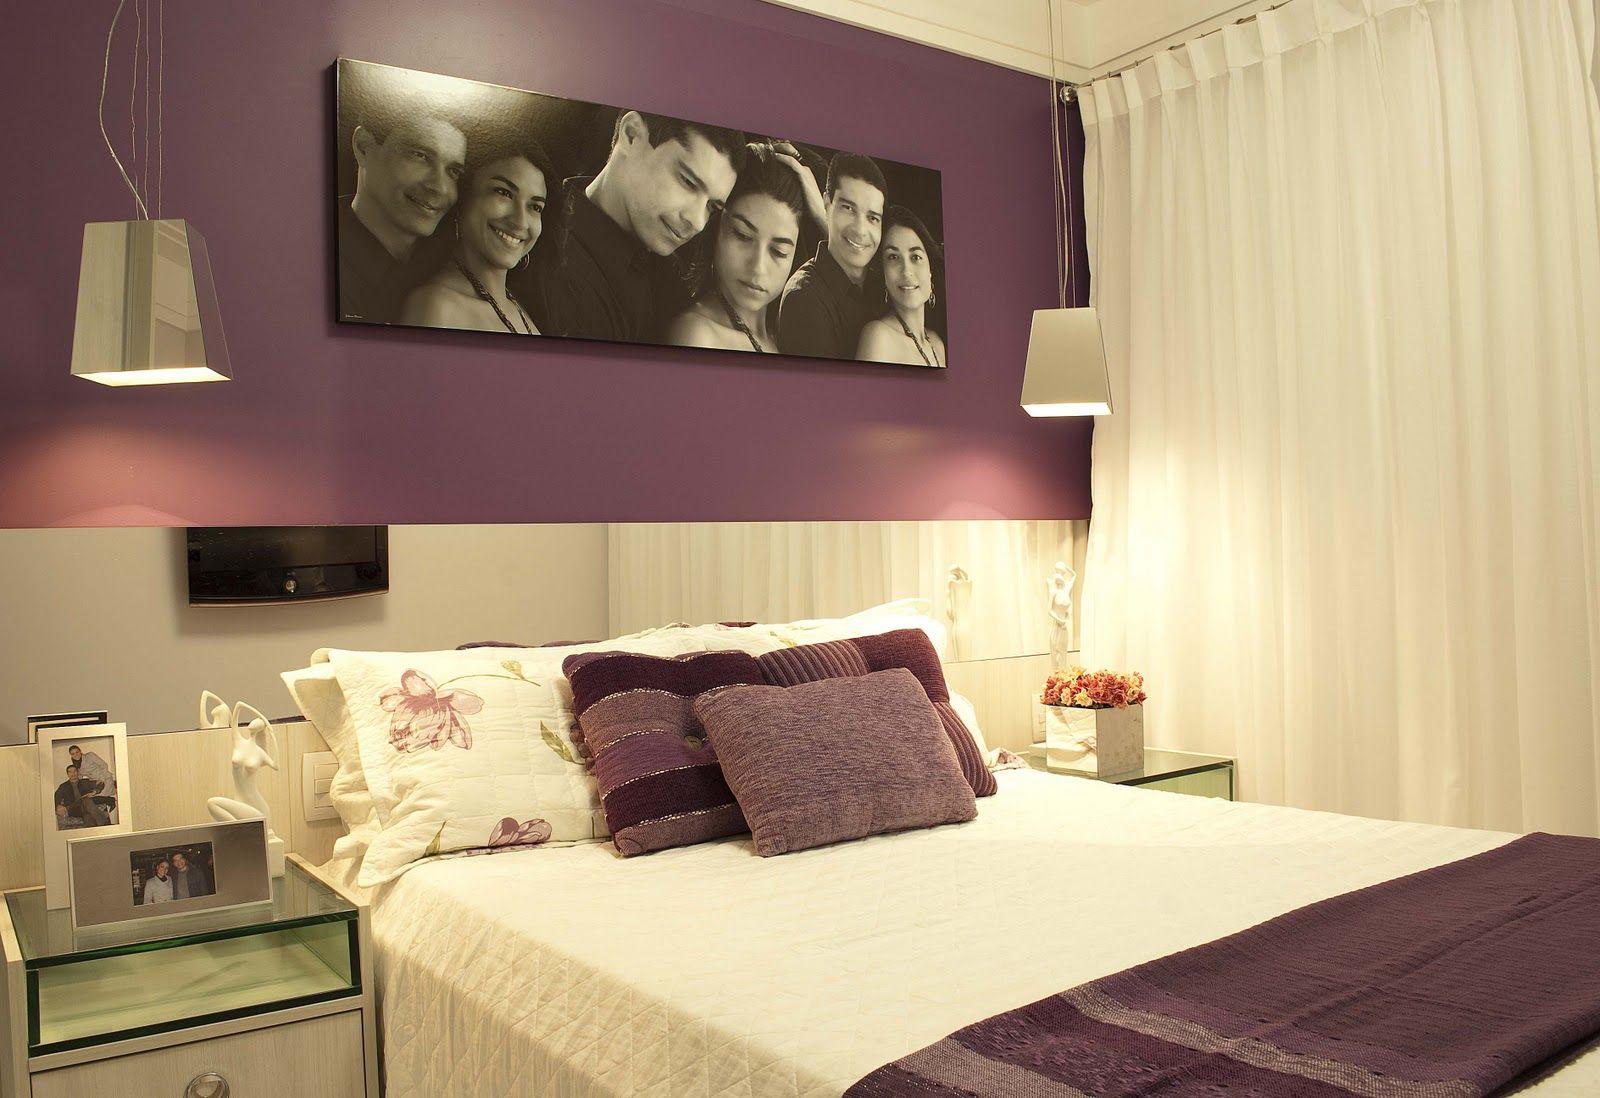 Modelos de quartos casal resultados yahoo search da for Modelos de decoracion de dormitorios